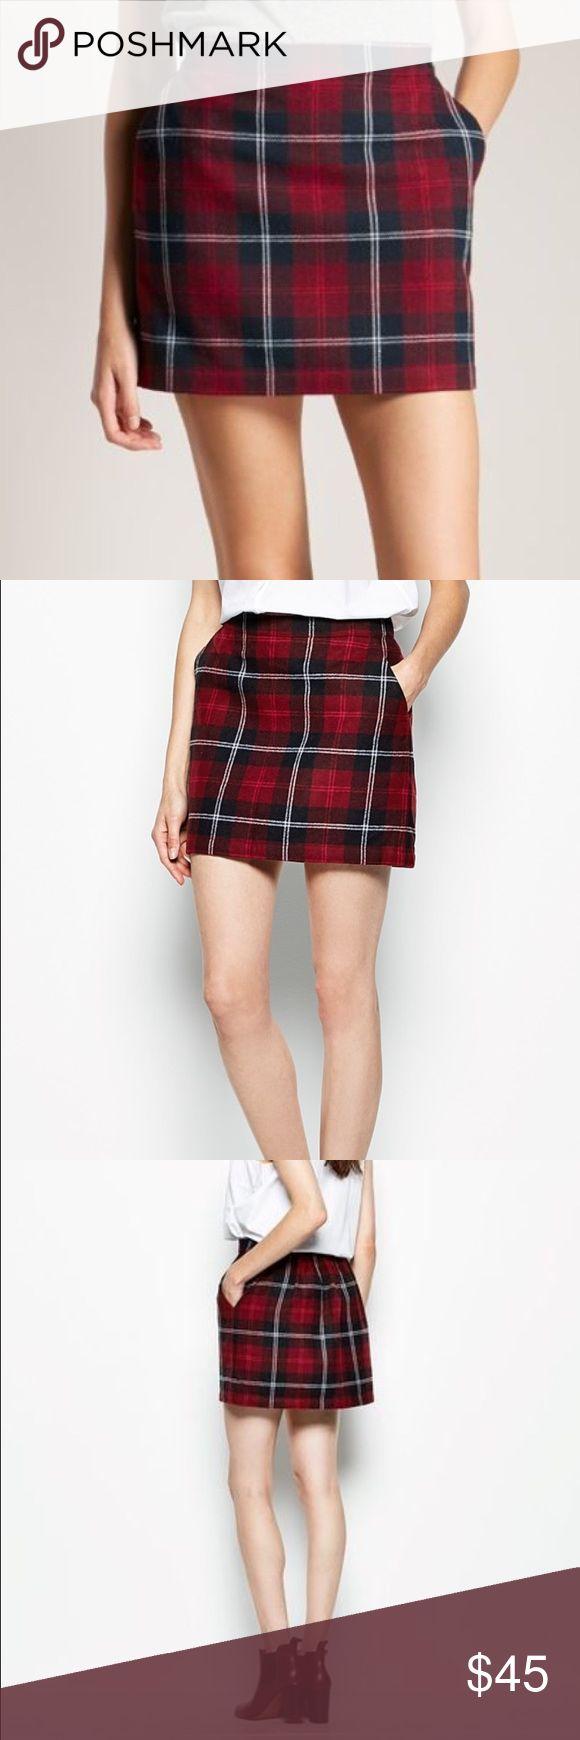 Jack Wills Eberton Skirt Jack Wills wool plaid mini skirt with pockets. Jack Wills Skirts Mini